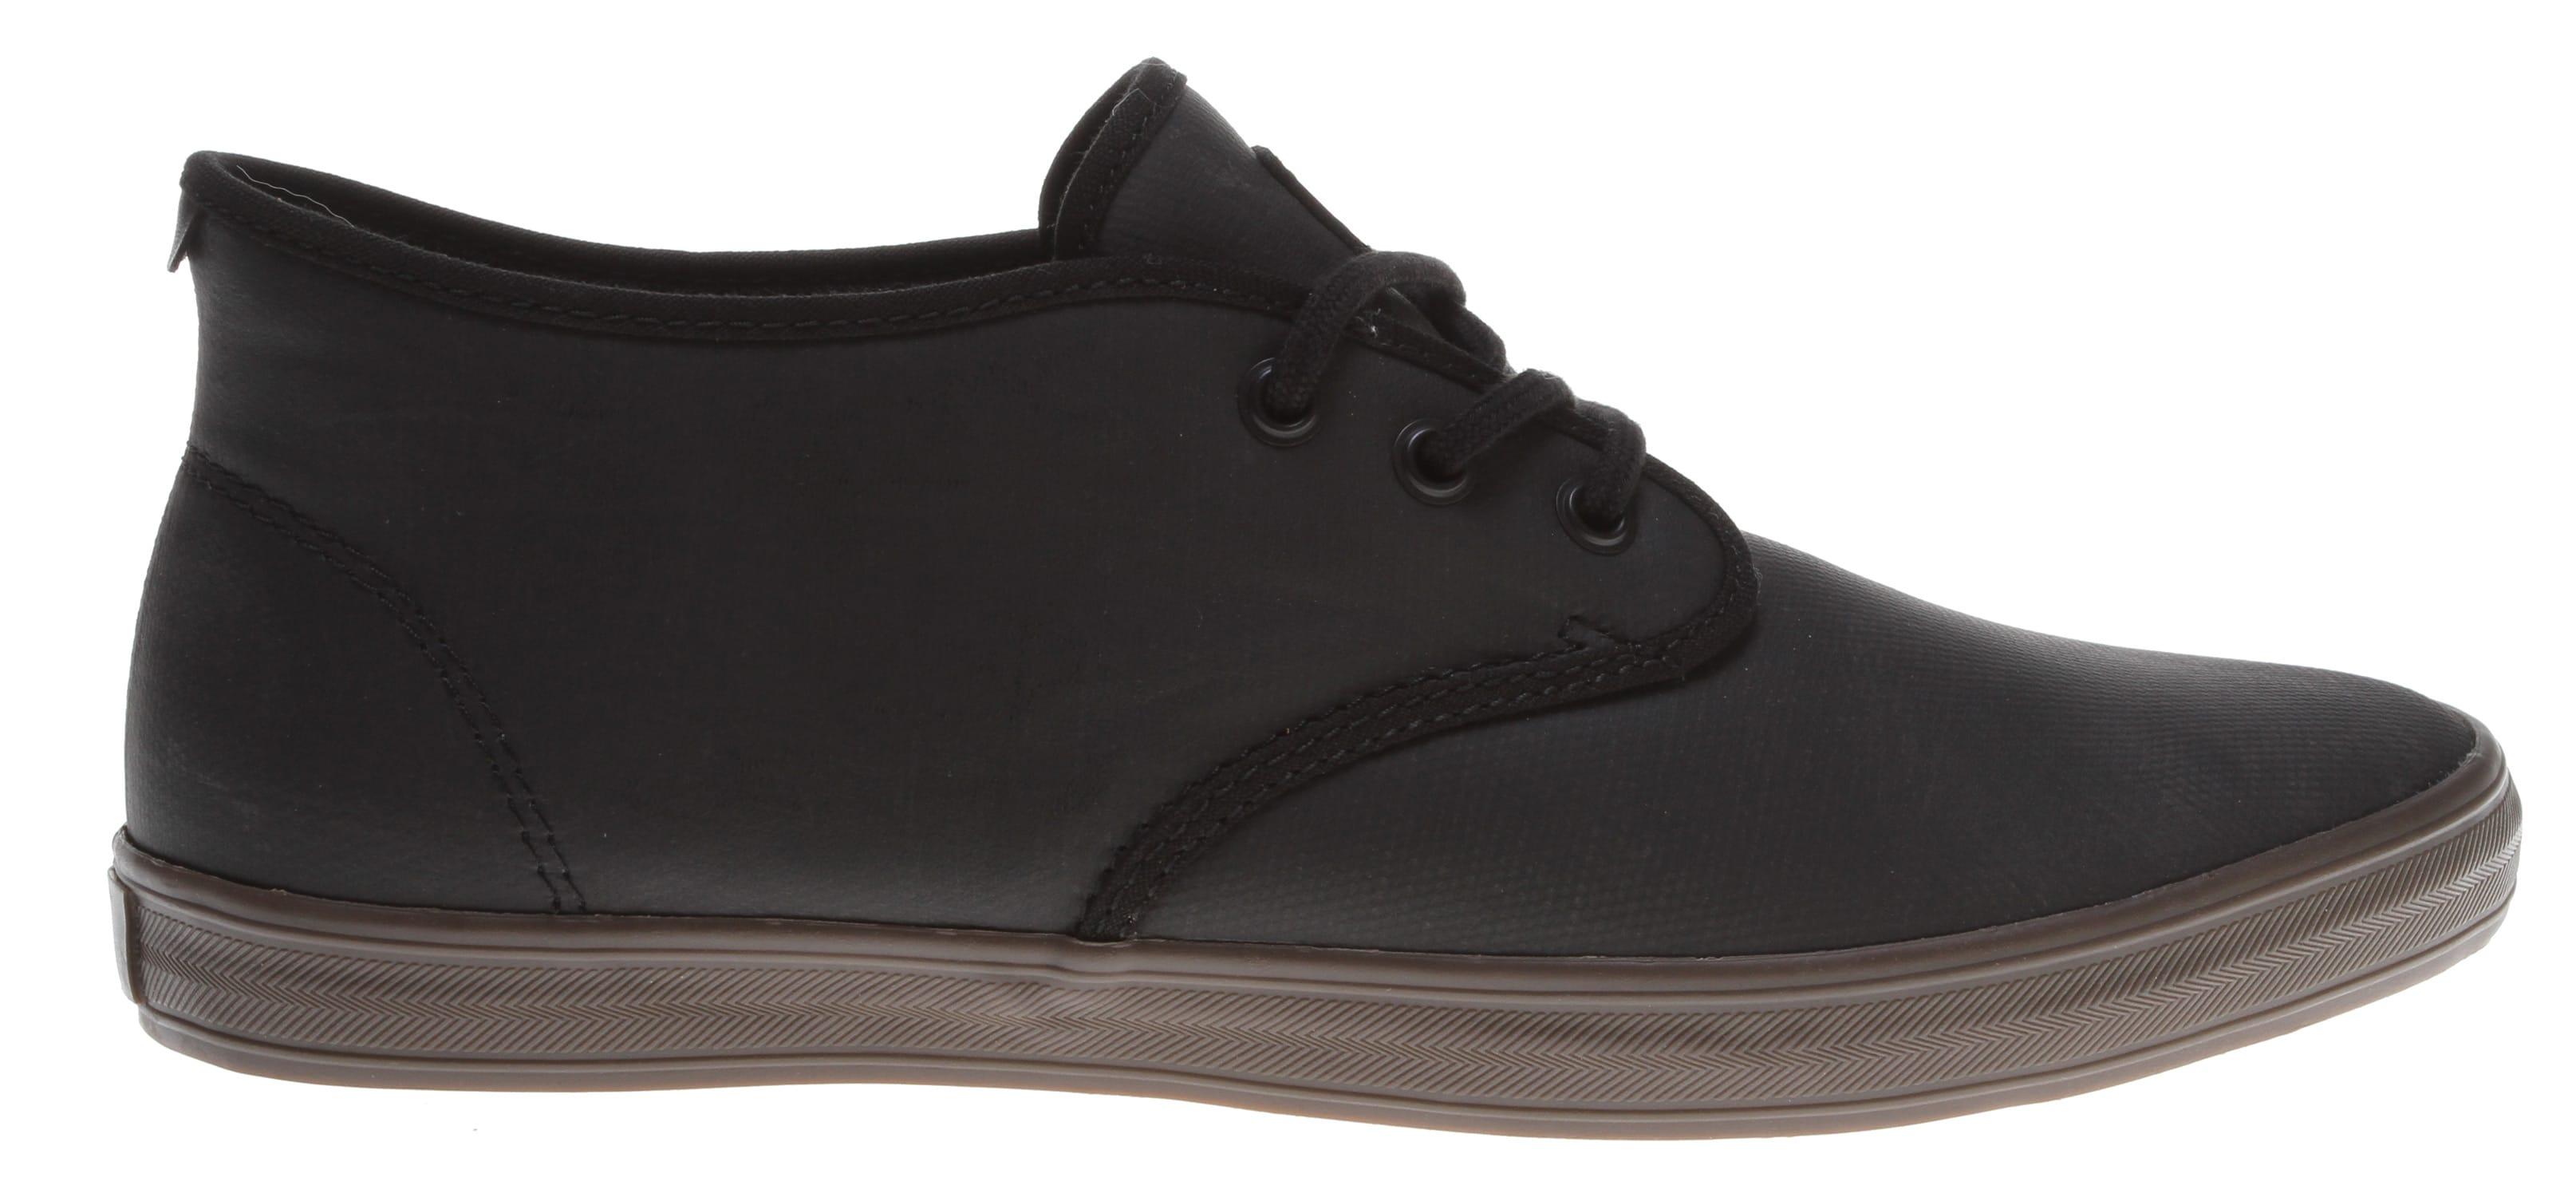 85c85c58b93 Gravis Quarters LX Skate Shoes - thumbnail 1